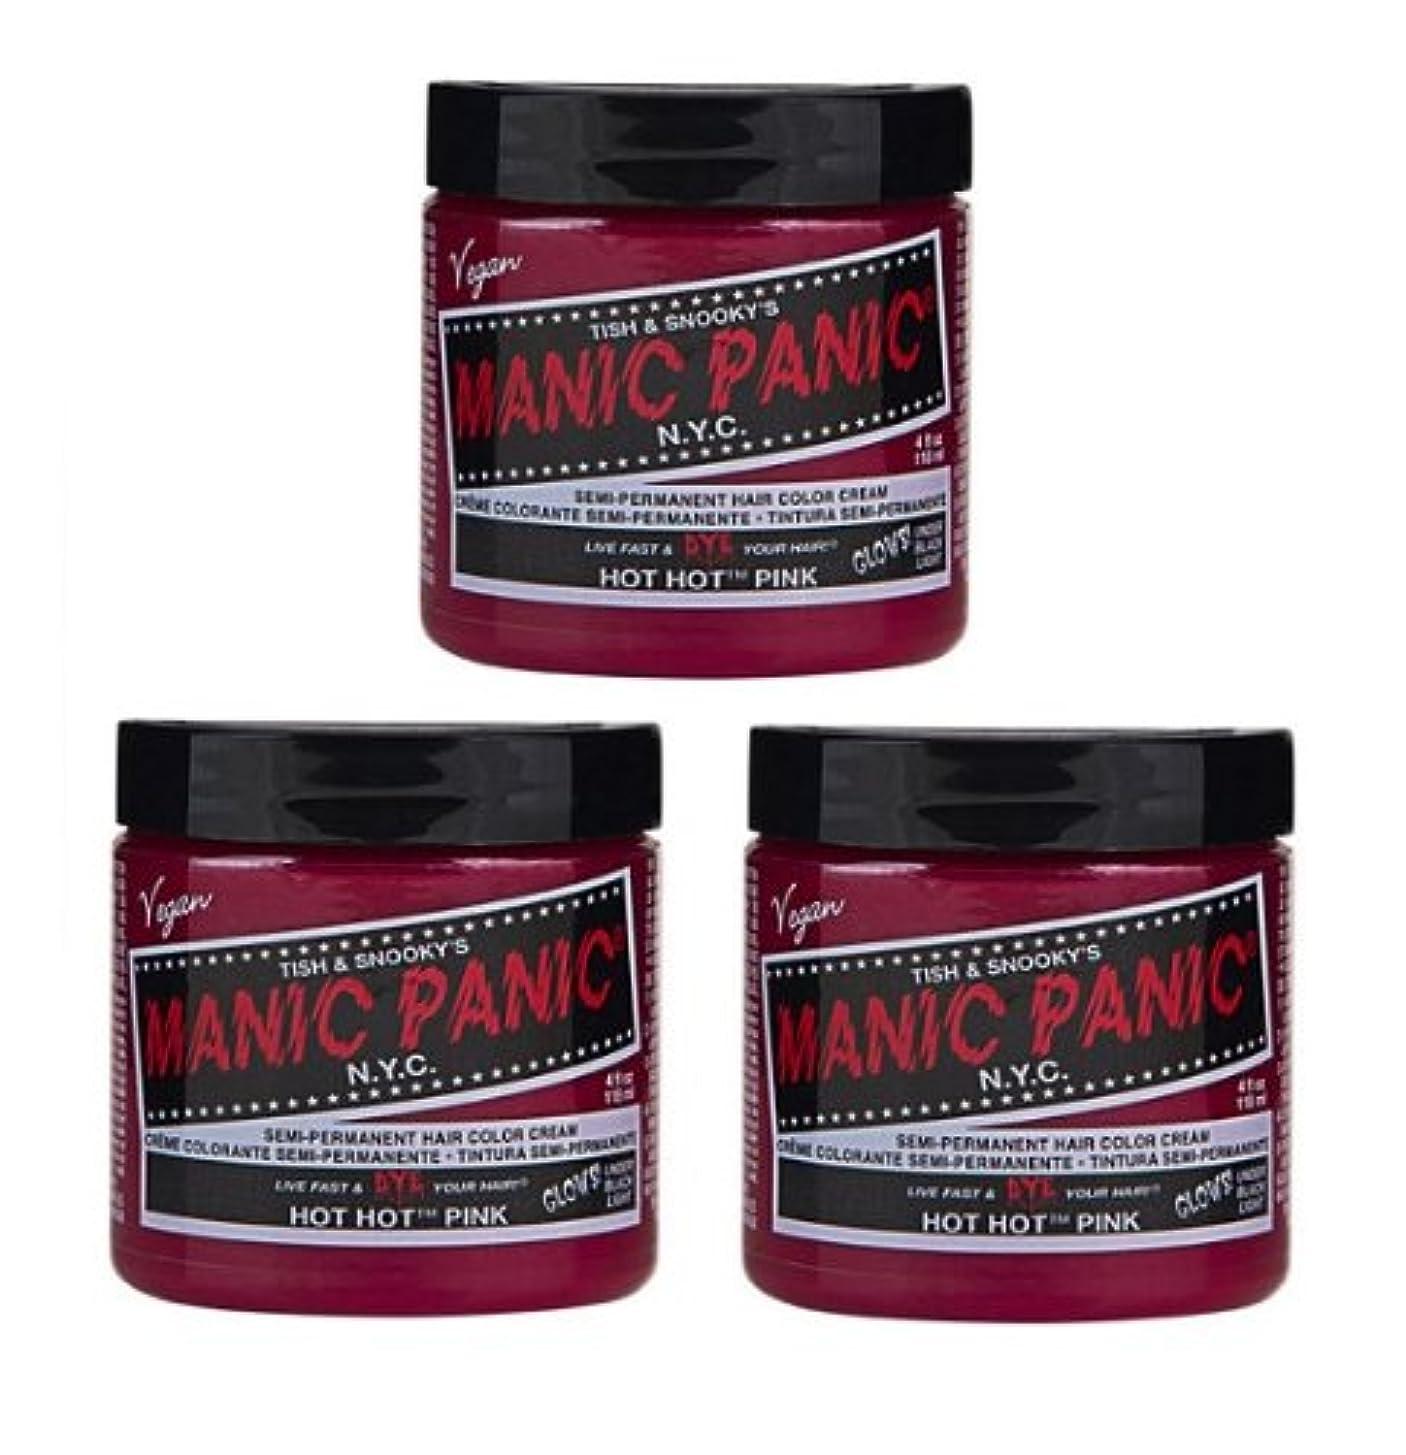 心臓ベット前方へ【3個セット】MANIC PANIC マニックパニック Hot Hot Pink ホットホットピンク 118ml